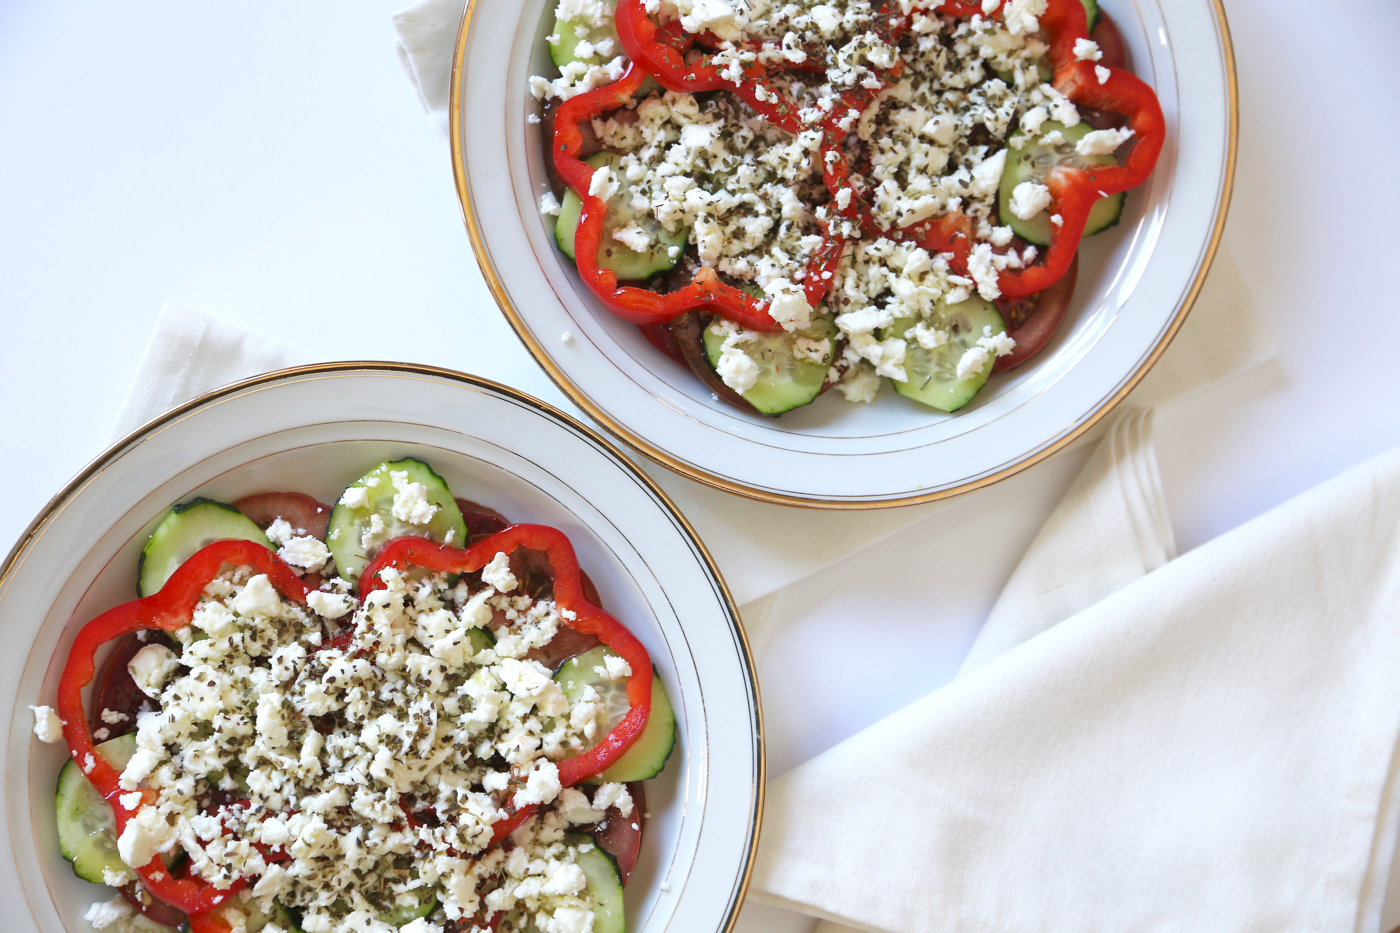 Salade grecque - 1